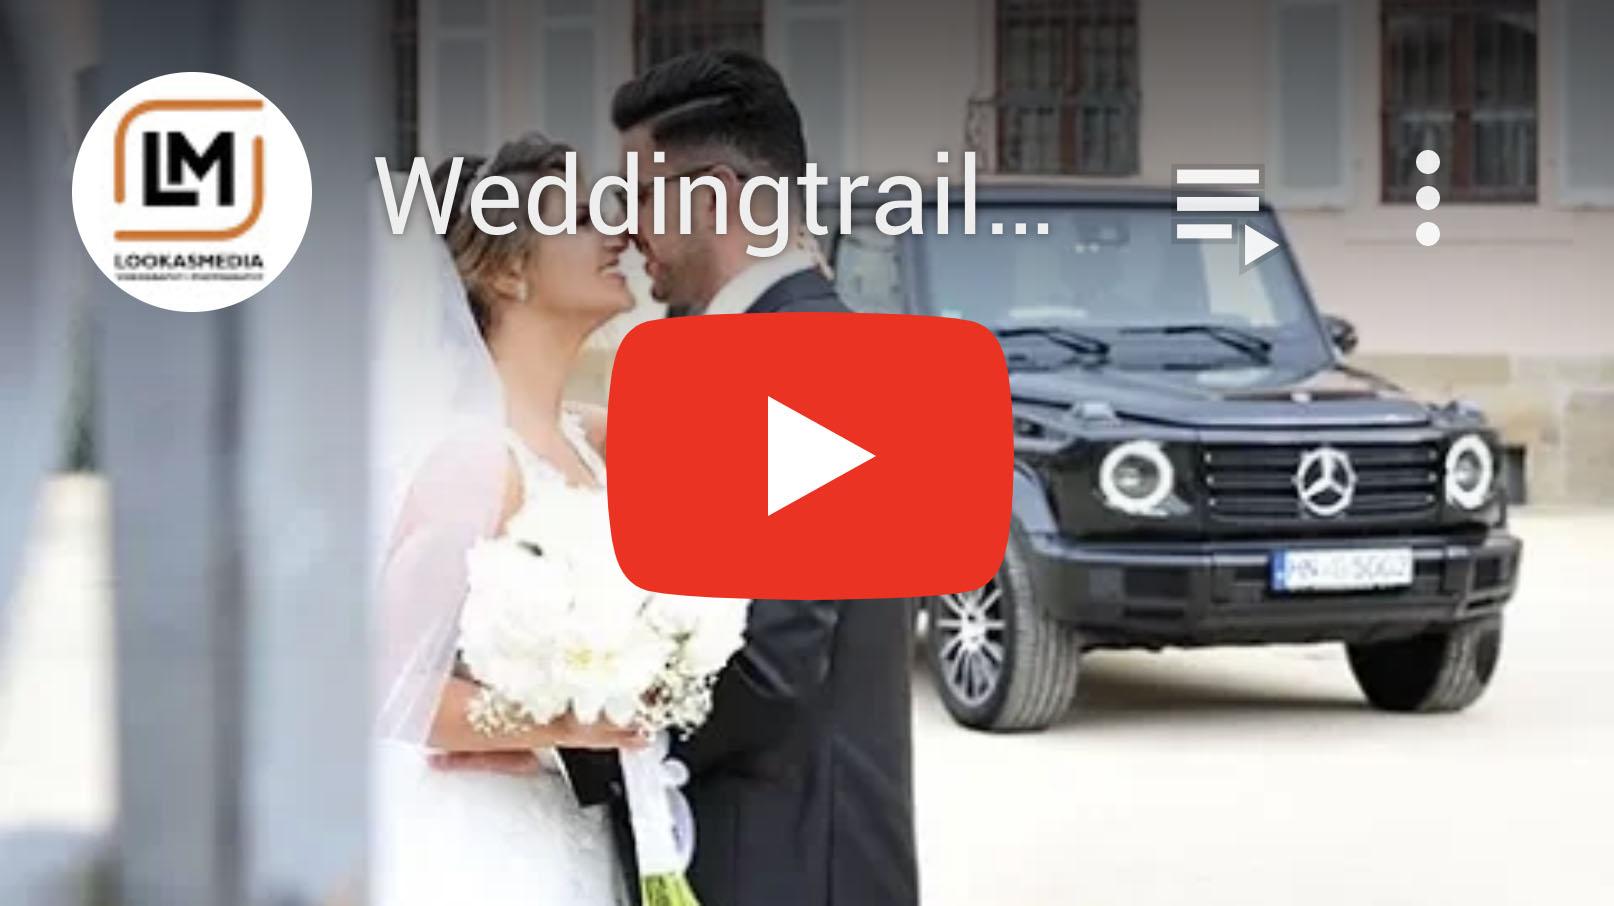 Kamerakran, Drohnenflug, Steadycam und weiteres Equipment, ermöglichen uns Ihnen eine flexible und kreative Perspektive Ihres Filmes zu realisieren. -  -  - video-1 -  -  -  - video 1 - Videoproduktion Filmroduktion - fotograf - heilbronn - kirchardt - neckarsulm - sinsheim - bad rappenau - imagefilme - babyfotograf - hochzeitsfotograf - fotobox - photobooth - wedding - hochzeitsfilm - videotechnik - photography - industriefilm - luftaufnahmen - drohne - drohneaufnahmen - drohnenfilm - vogelperspektive - flyer - visitenkarten - menükarten - briefumschläge - fotobuch - weddingbook